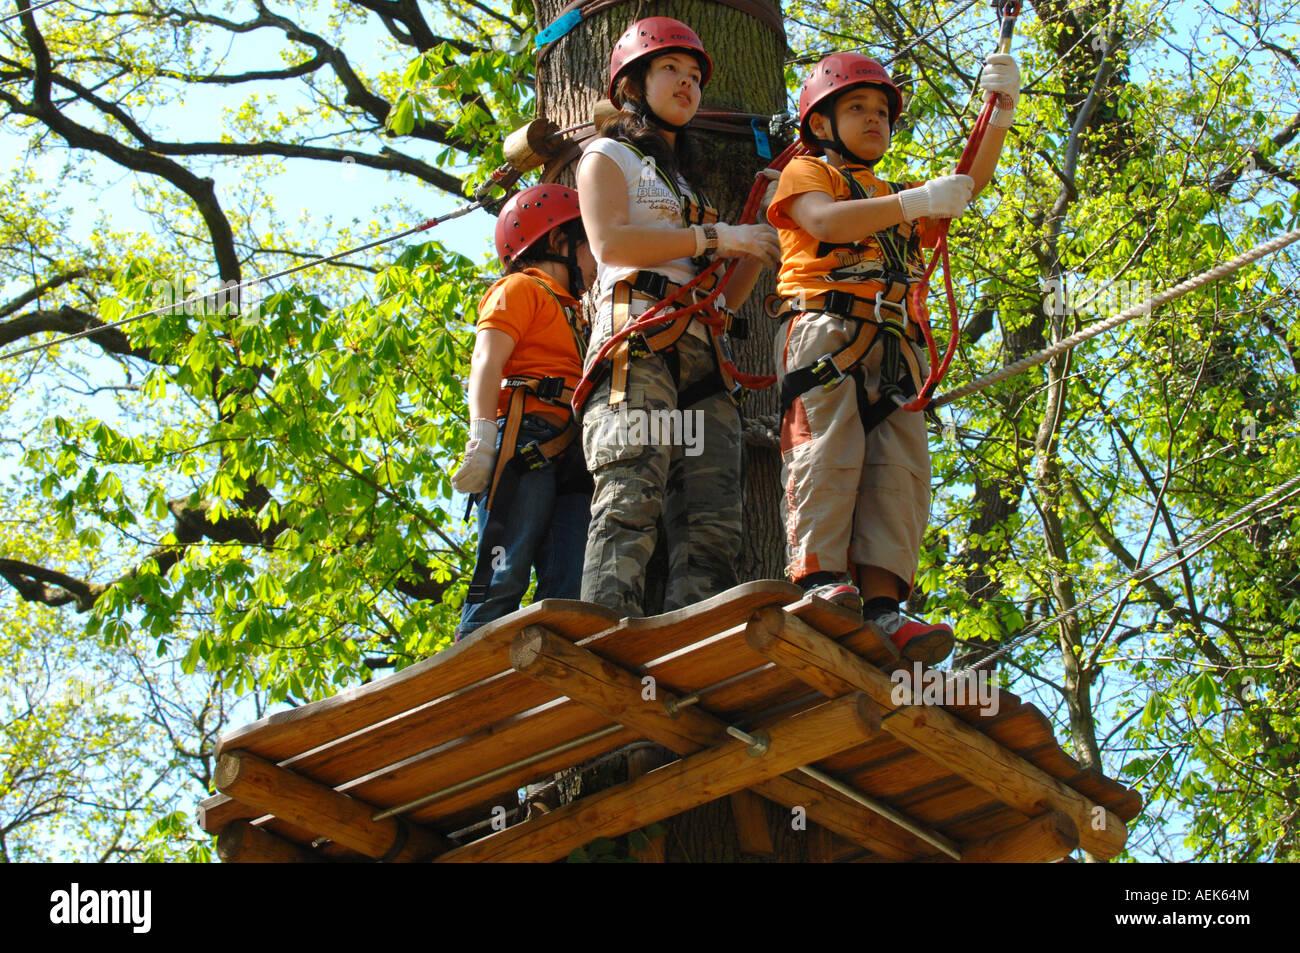 Kletterausrüstung Deutschland : 3 kinder mit kletterausrüstung klettern wald neroberg wiesbaden